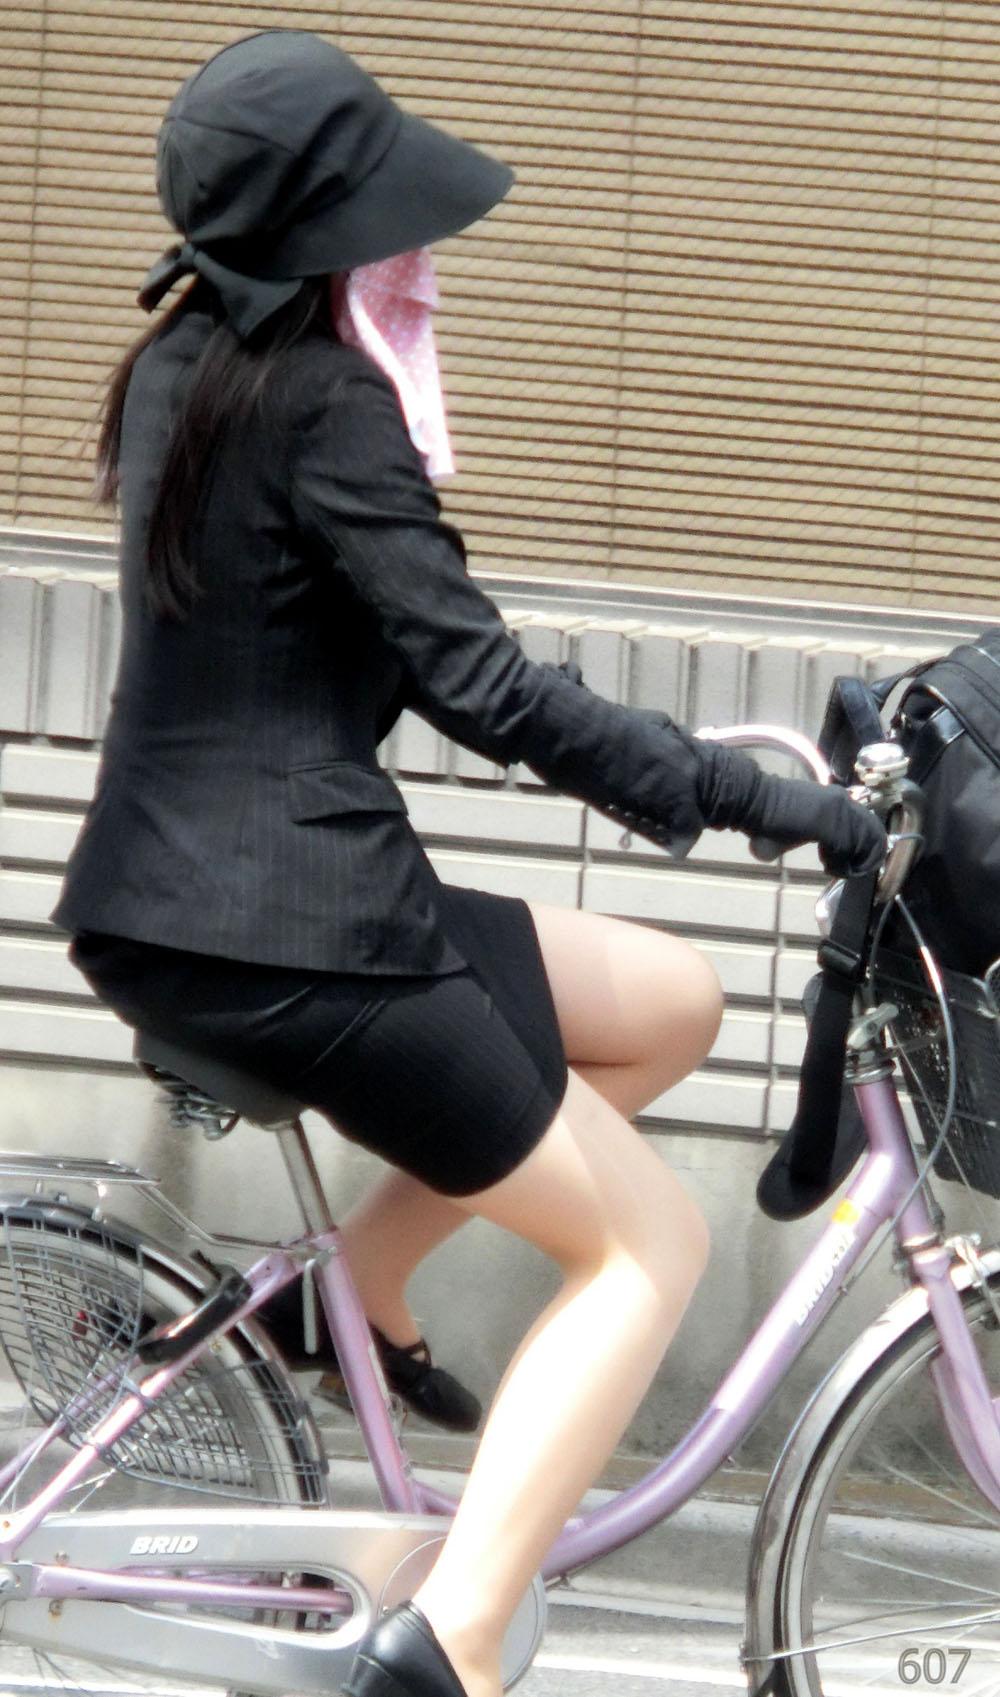 美脚タイトスカート三角の自転車OL盗撮エロ画像14枚目